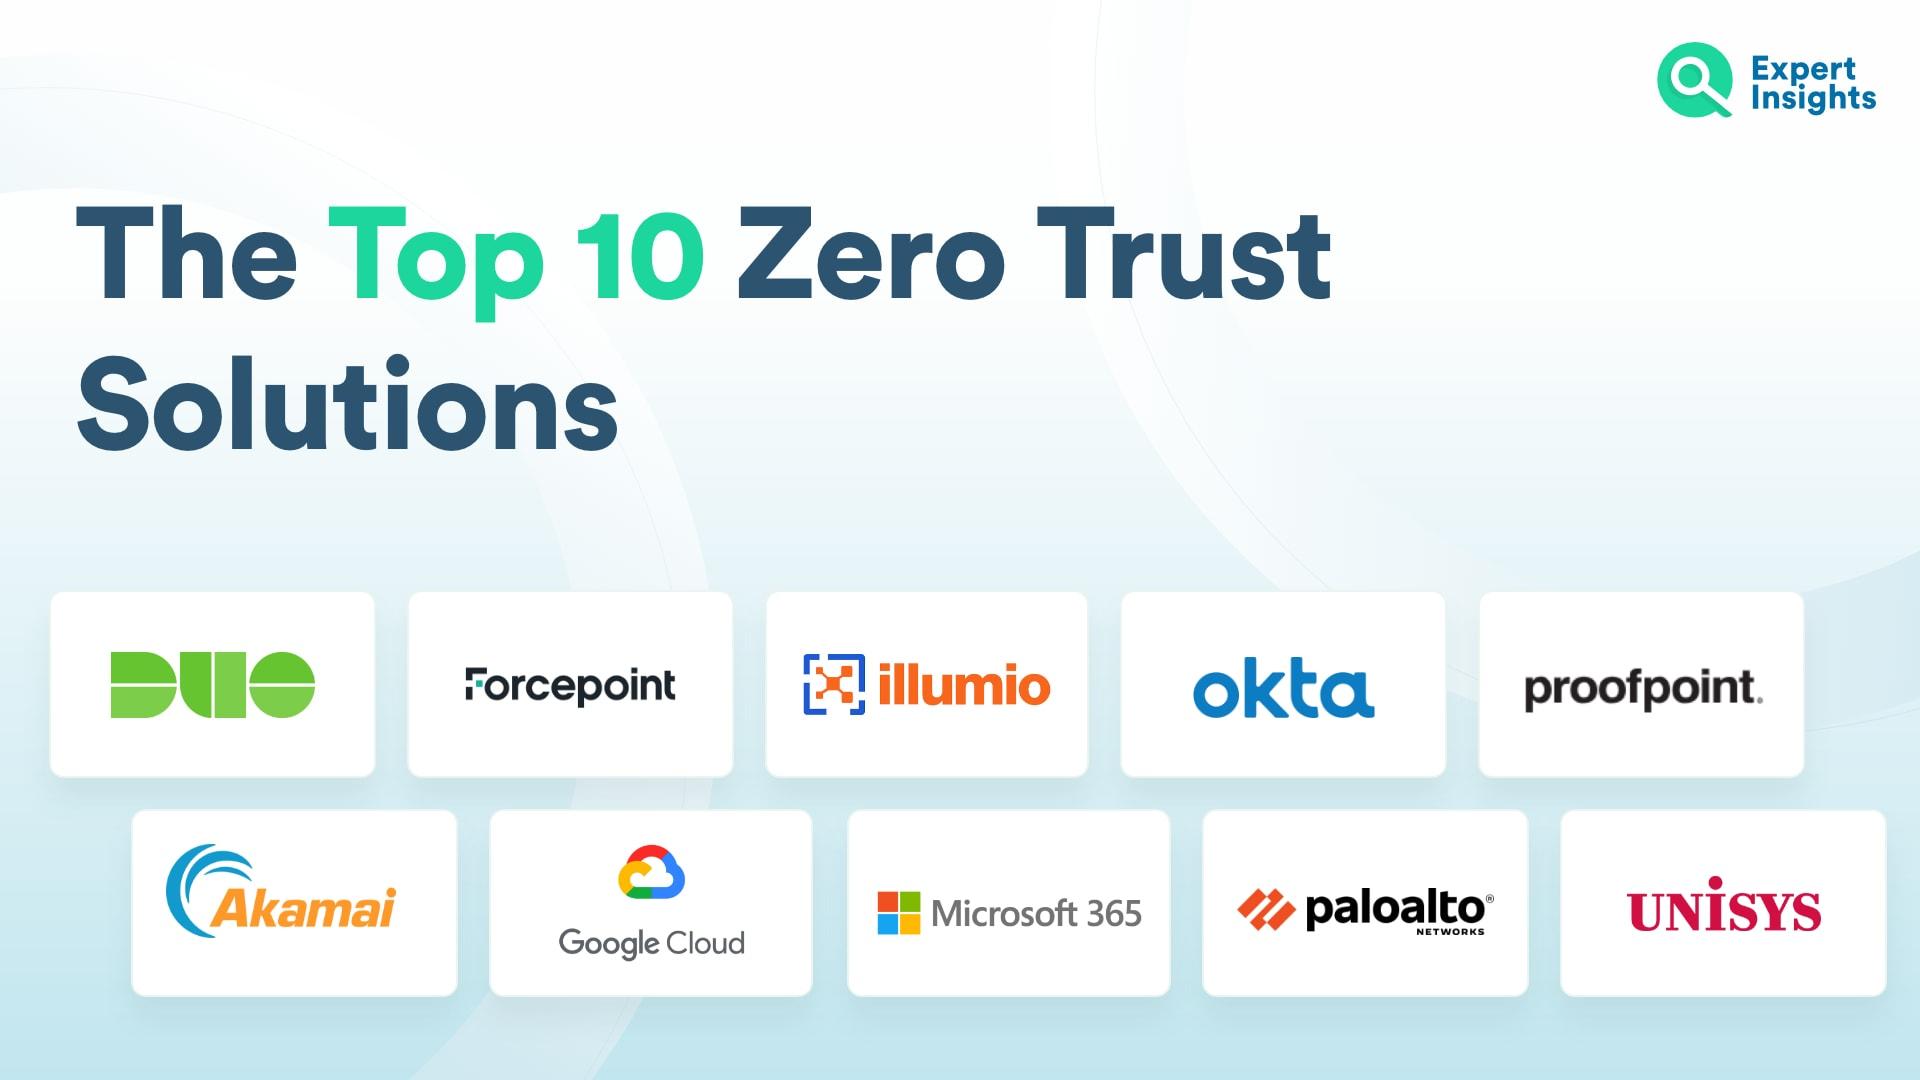 Top 10 Zero Trust Solutions